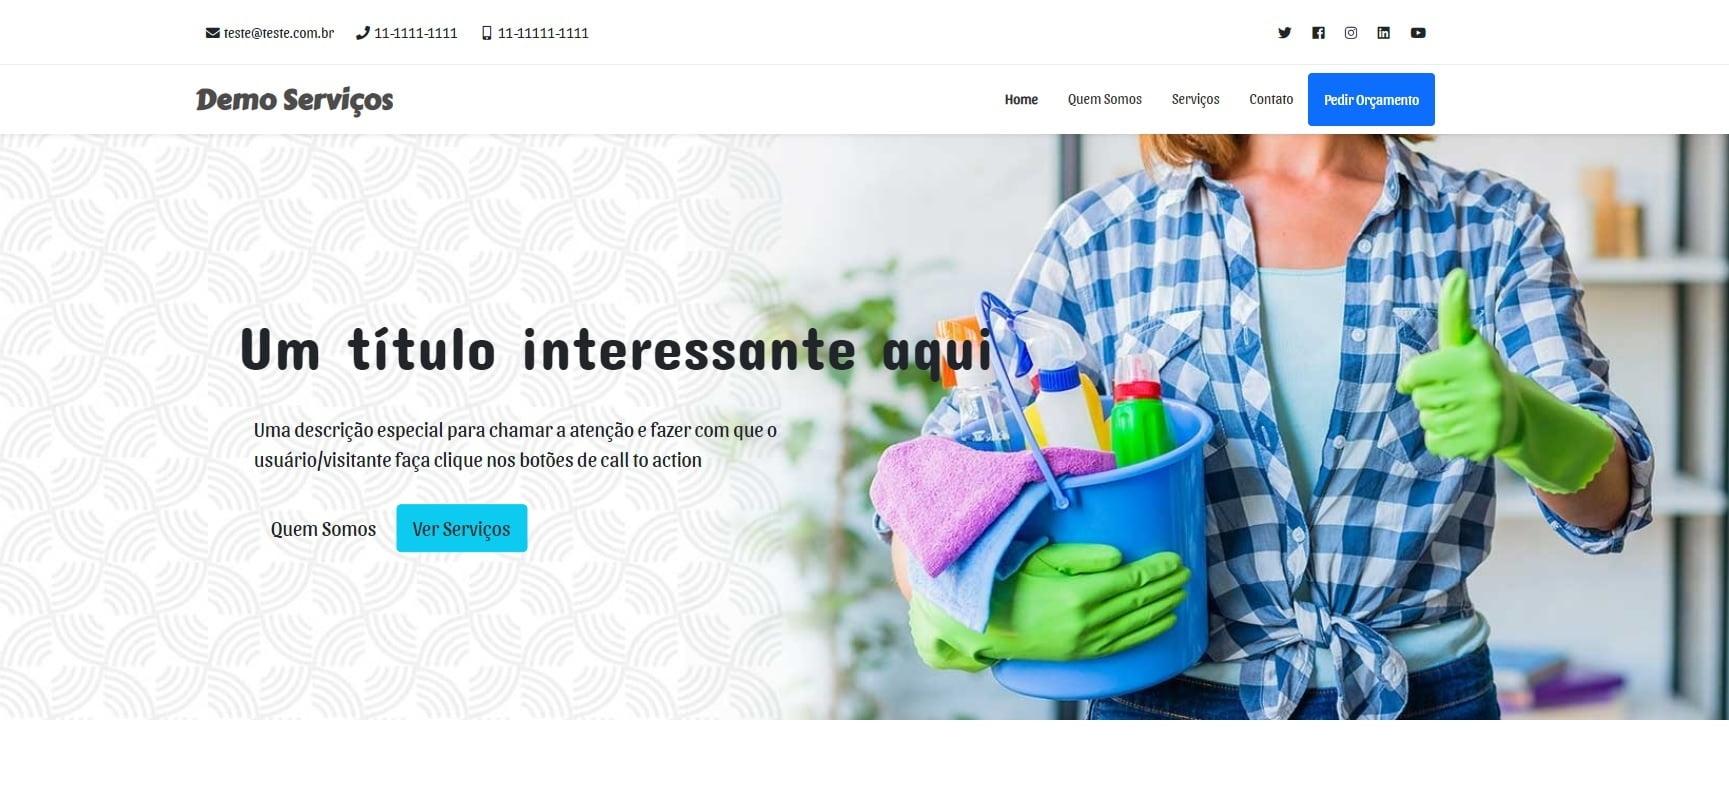 Site Catálogo de Serviços